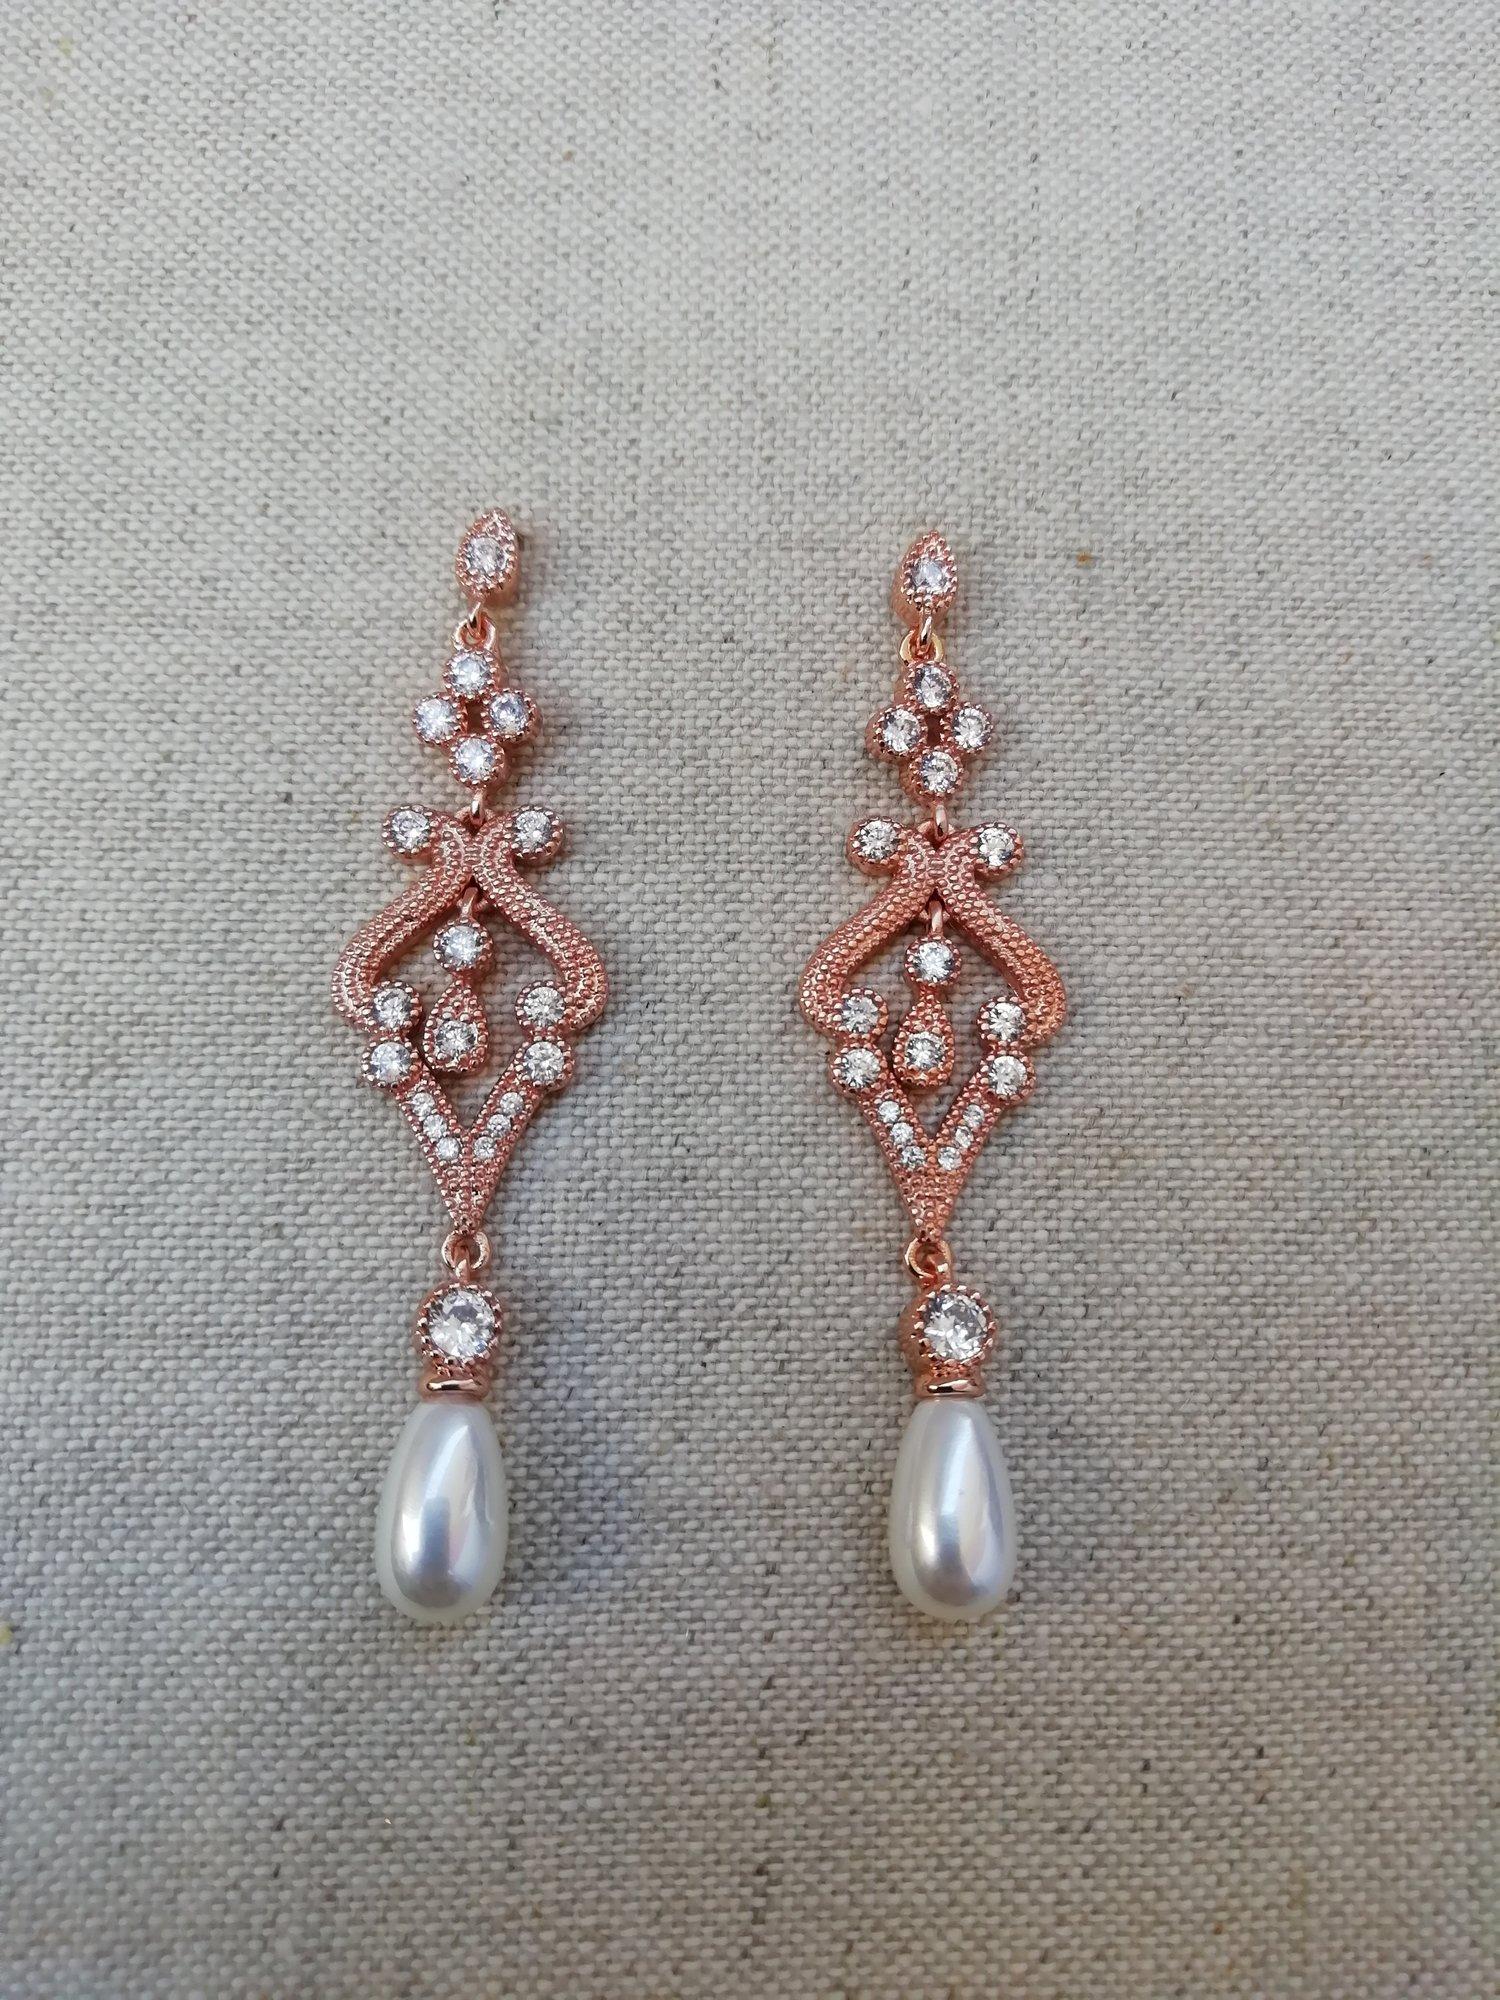 Wedding Rose Gold Earrings Wedding Earrings Zircon Bridal Earrings Bridesmaid Style127 Mes Petites Dentelles